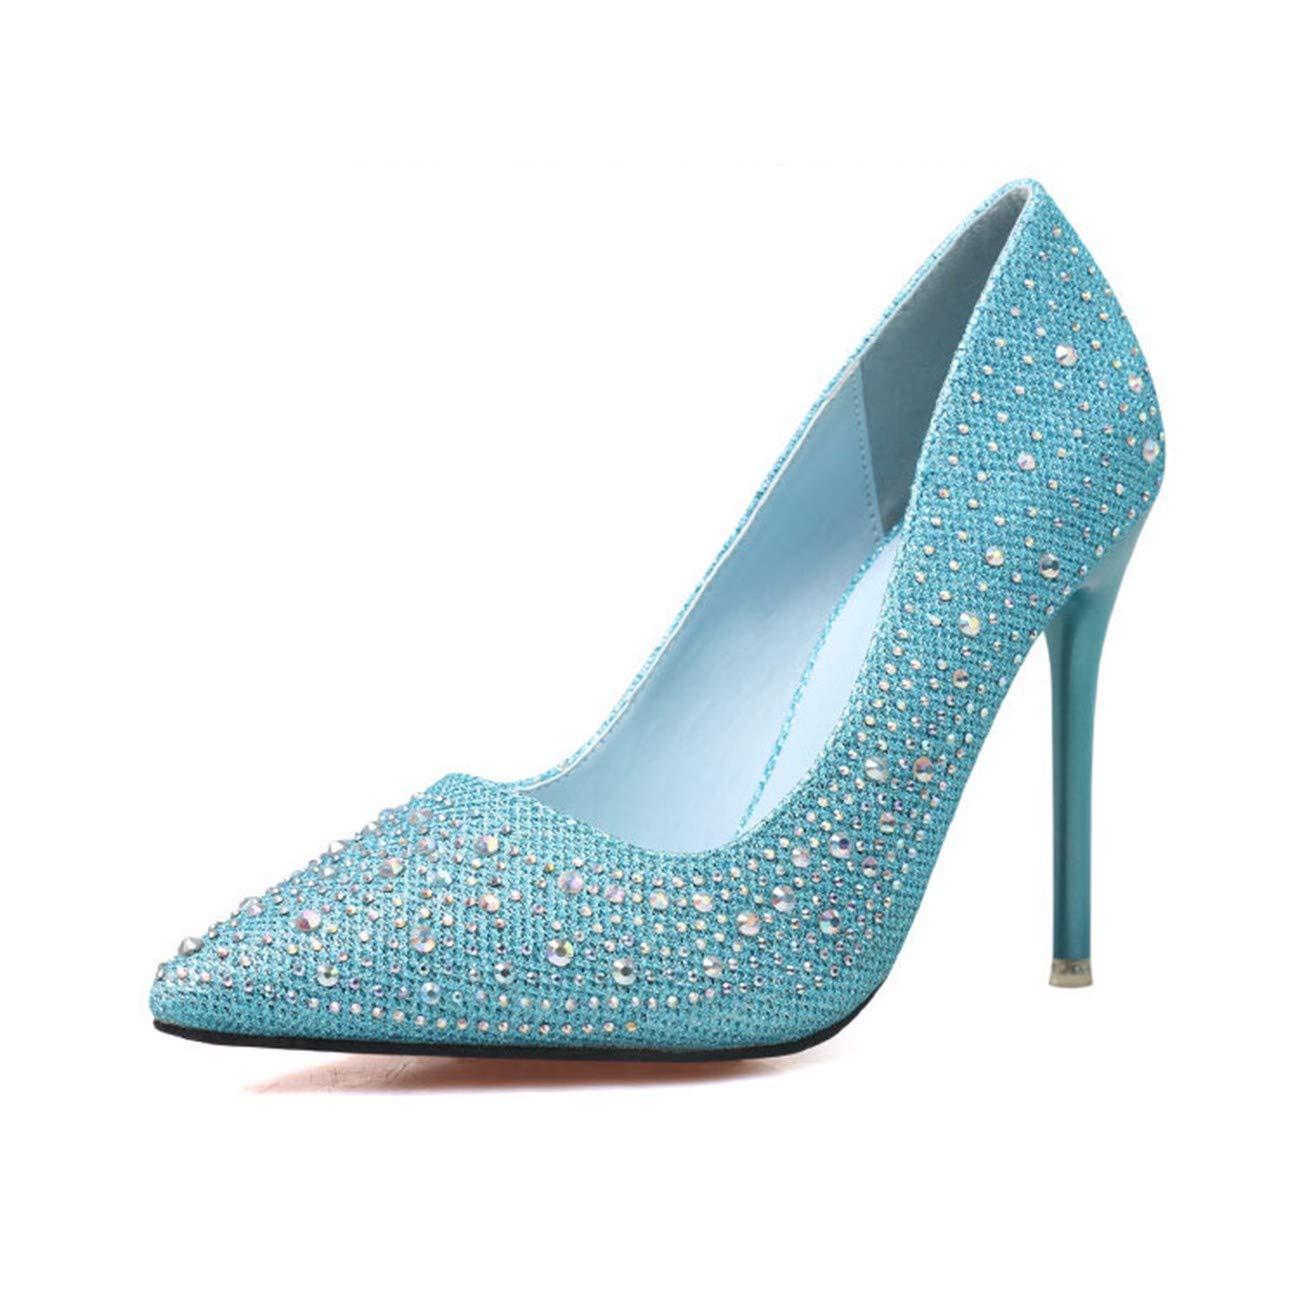 QPGGP-schuhe süß elegant schön bei fuß hochhackigen flachen Mund dünn sagte Farbe läuft Wasser Bohren einzigen Schuh